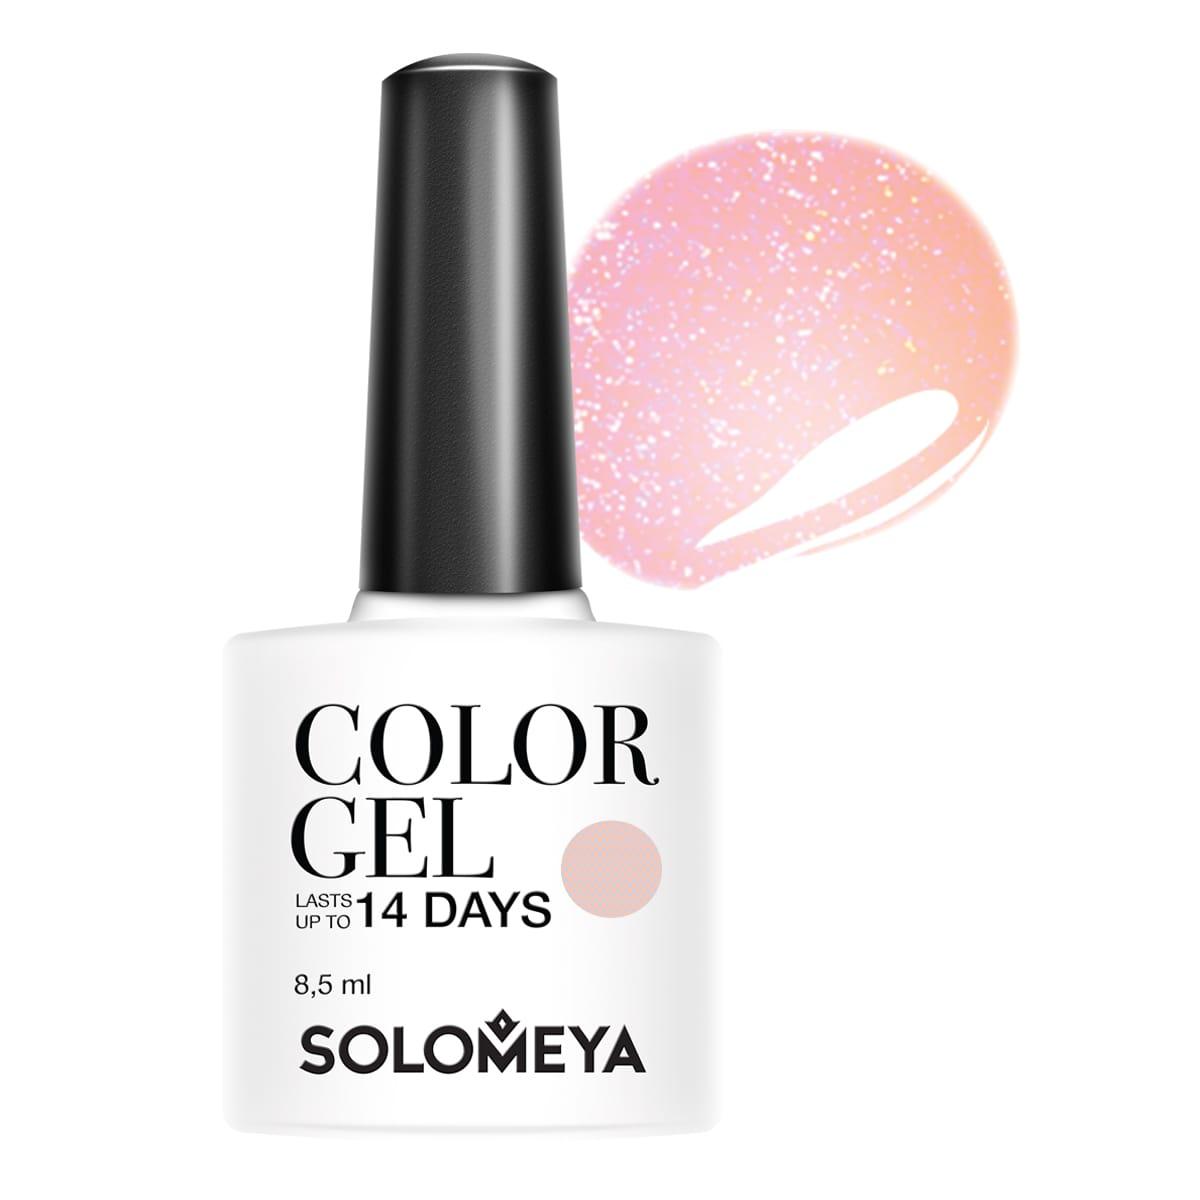 SOLOMEYA Гель-лак для ногтей SCGK005 Мой дорогой / Color Gel My darling 8,5 мл